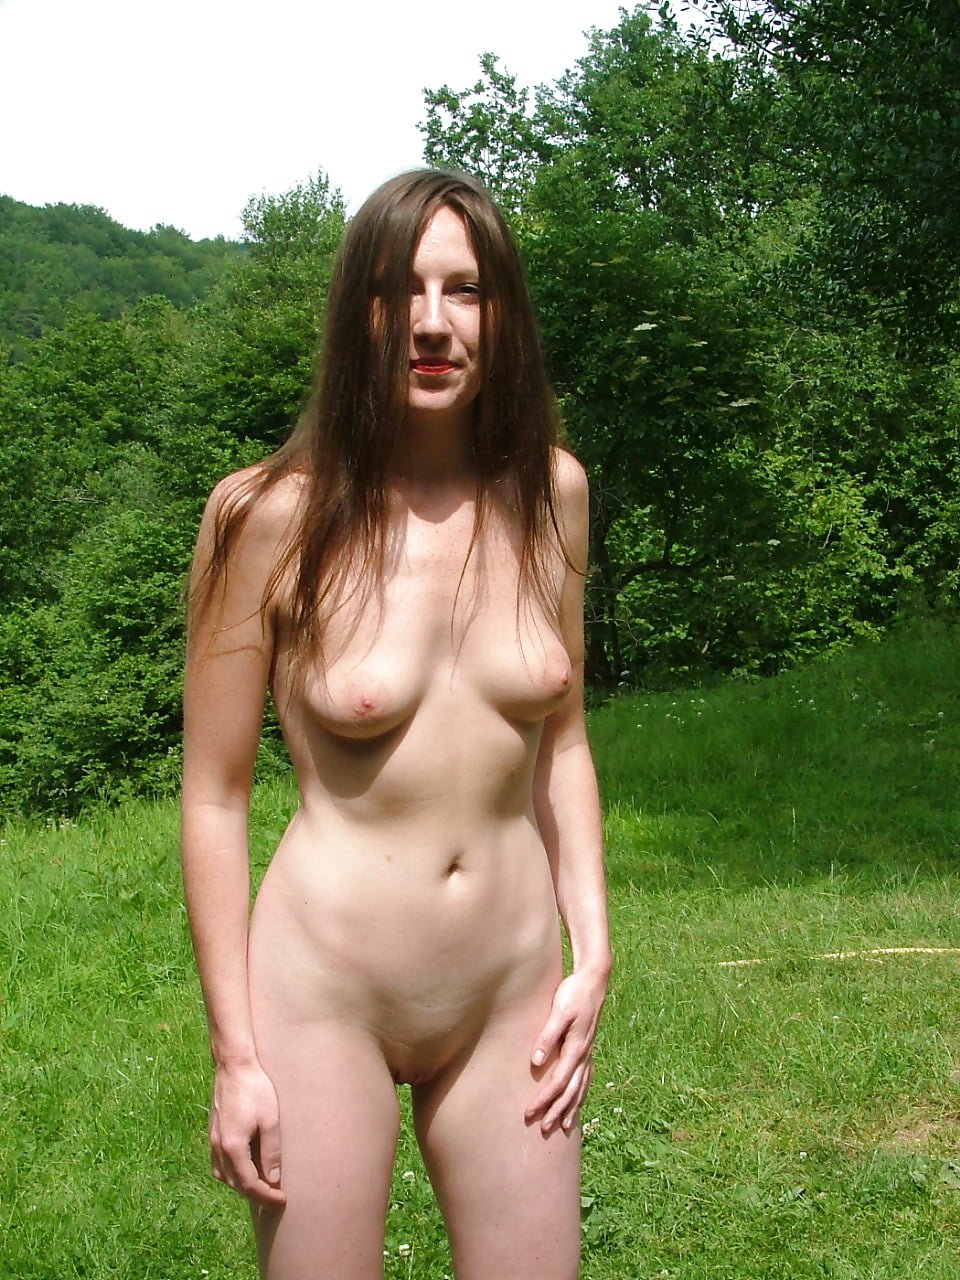 Nude dutch photo #13